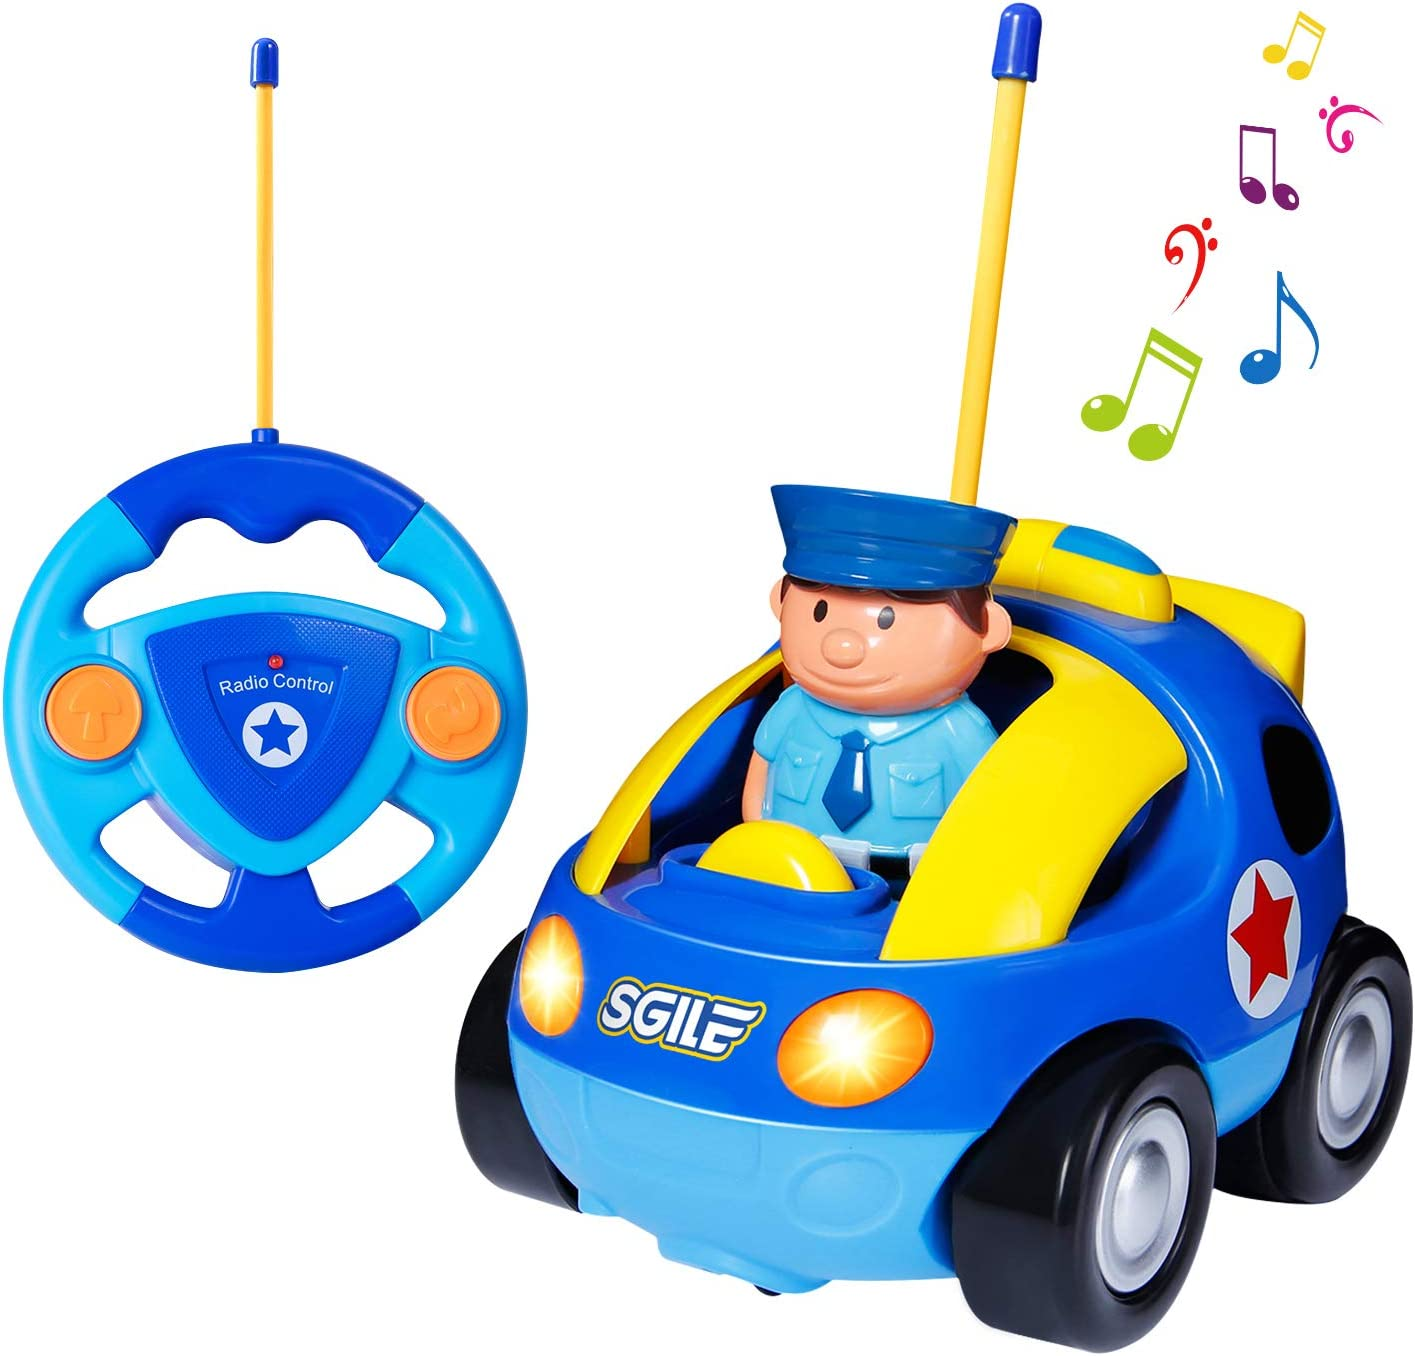 SGILE Coche Teledirigido con Luces y Música, Coche Juguete Bebe de Cartoon, niños 1 2 años (Azul)